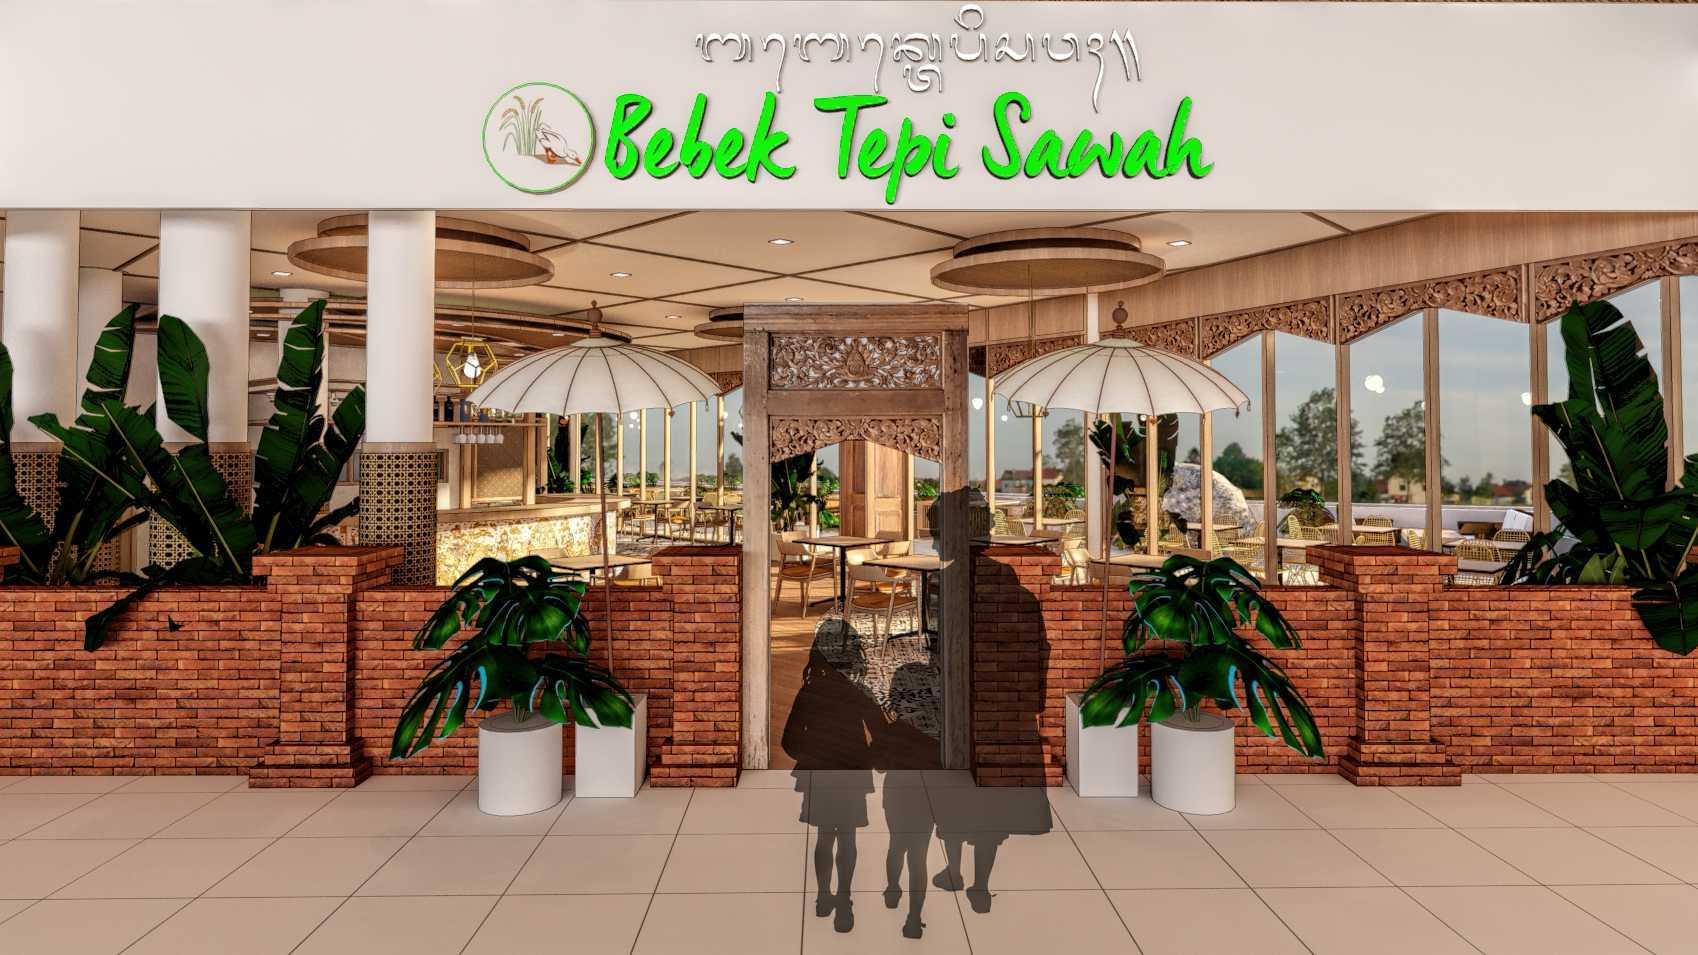 Nitkala Arsitek Bebek Tepi Sawah Beachwalk Jl. Pantai Kuta, Kuta, Kabupaten Badung, Bali 80361, Indonesia Jl. Pantai Kuta, Kuta, Kabupaten Badung, Bali 80361, Indonesia Nitkala-Arsitek-Bebek-Tepi-Sawah-Beachwalk  121667